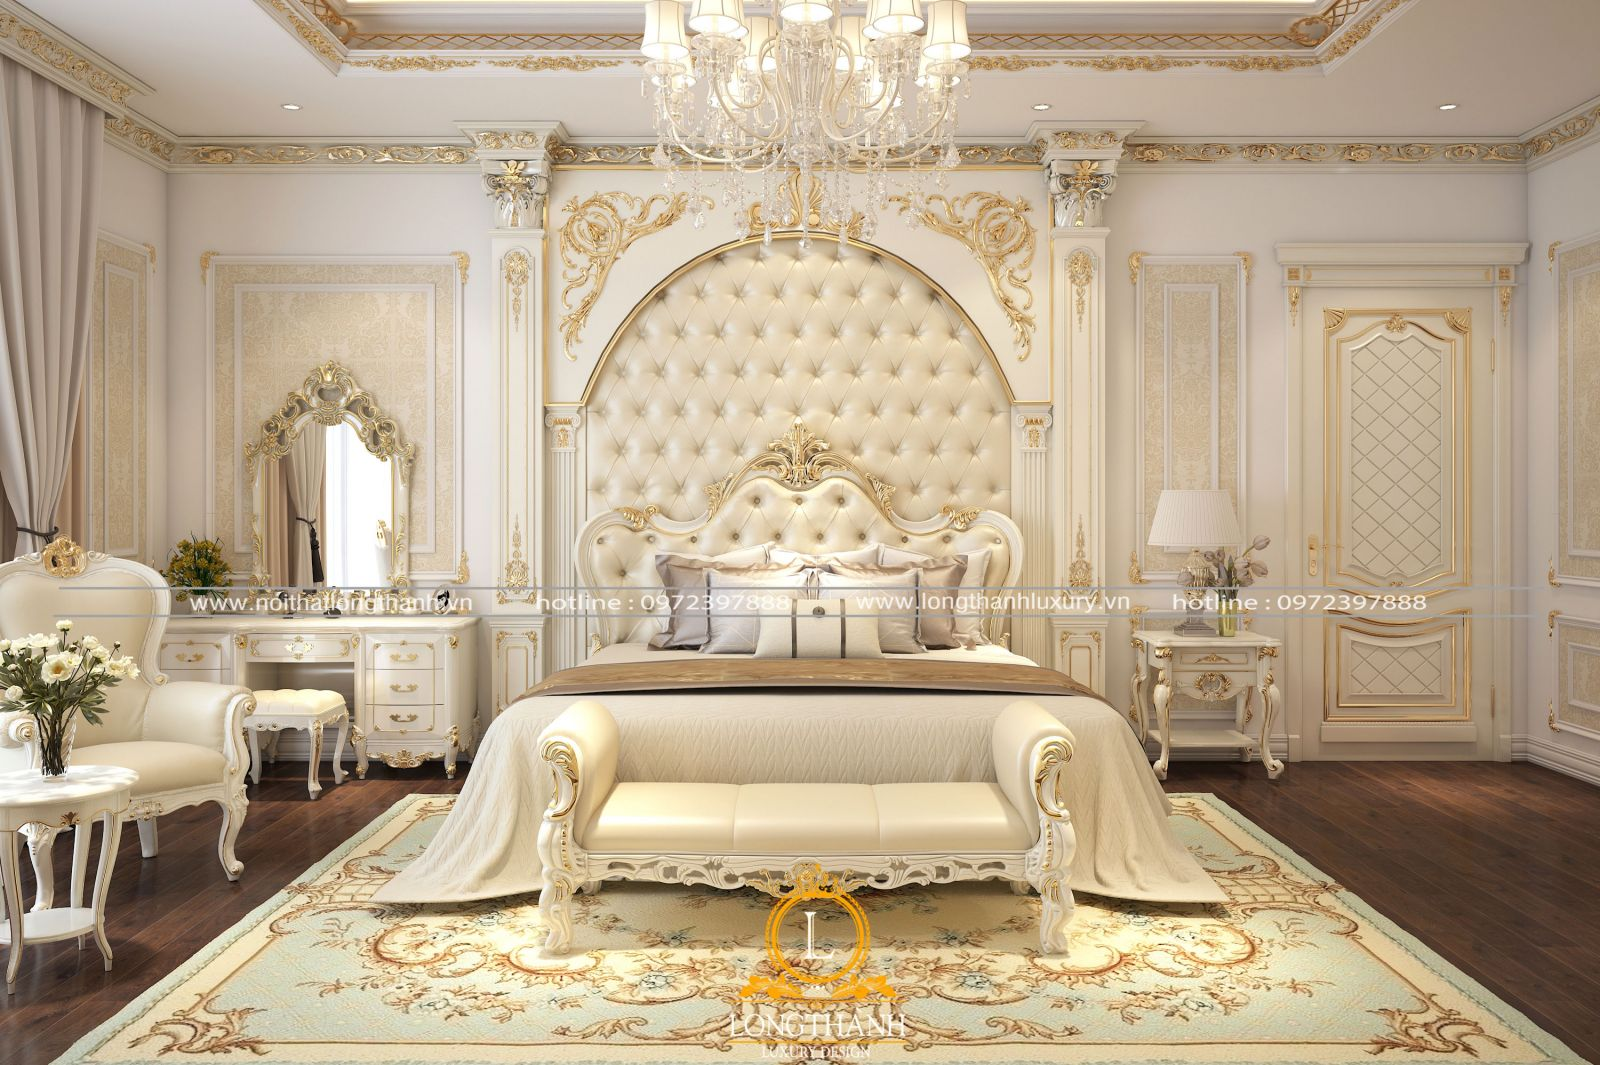 Thiết kế nội thất phòng ngủ tân cổ điển sơn trắng tinh tế và lộng lẫy